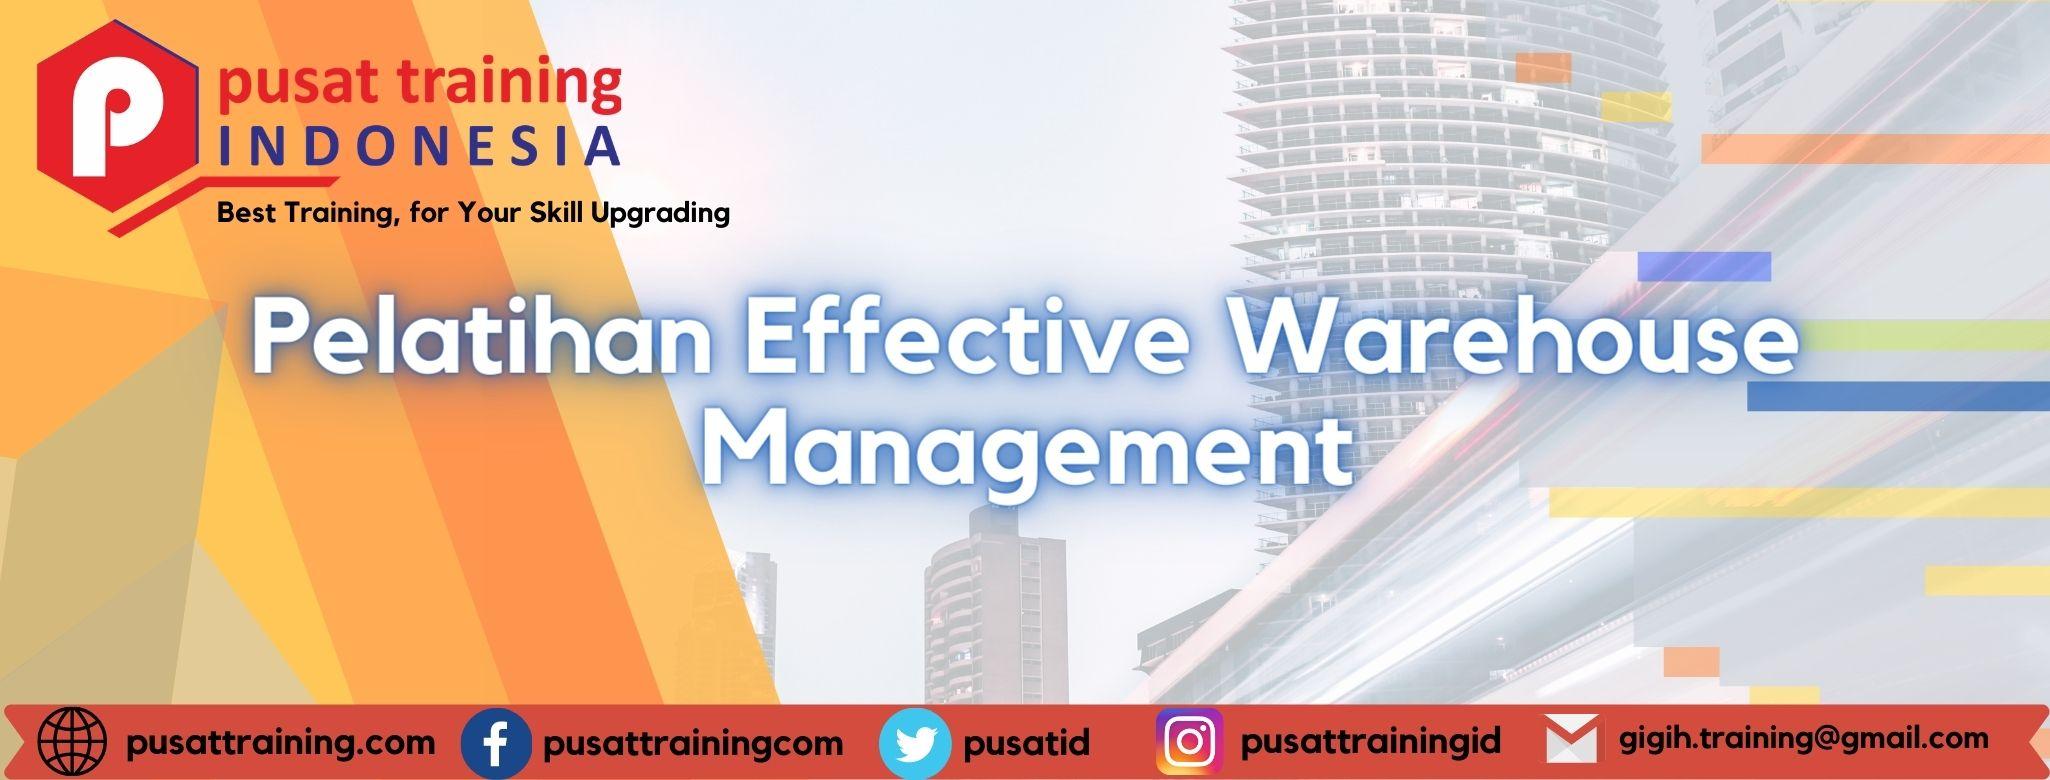 Pelatihan-Effective-Warehouse-Management